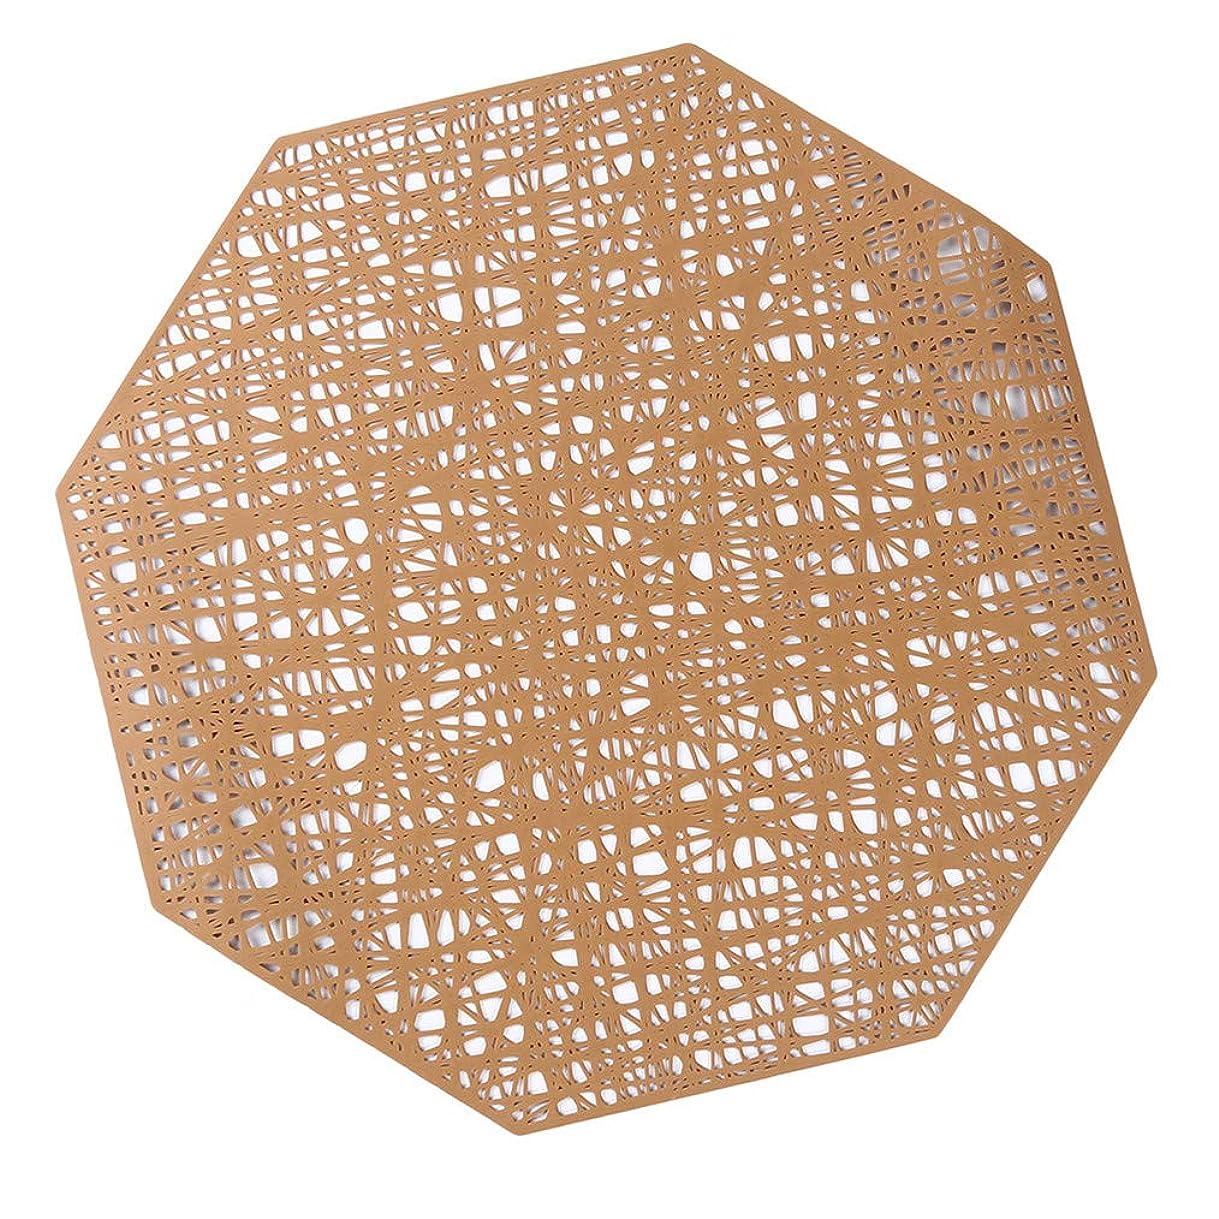 マラドロイトより良いワインCngstar ランチョンマット おしゃれ プレースマット 高級感 八角形 PVC材質 北欧風 卓上飾り 防汚 断熱 水洗い 清潔簡単 滑り止め コーヒーマット レストラン用 (ブロンズ)